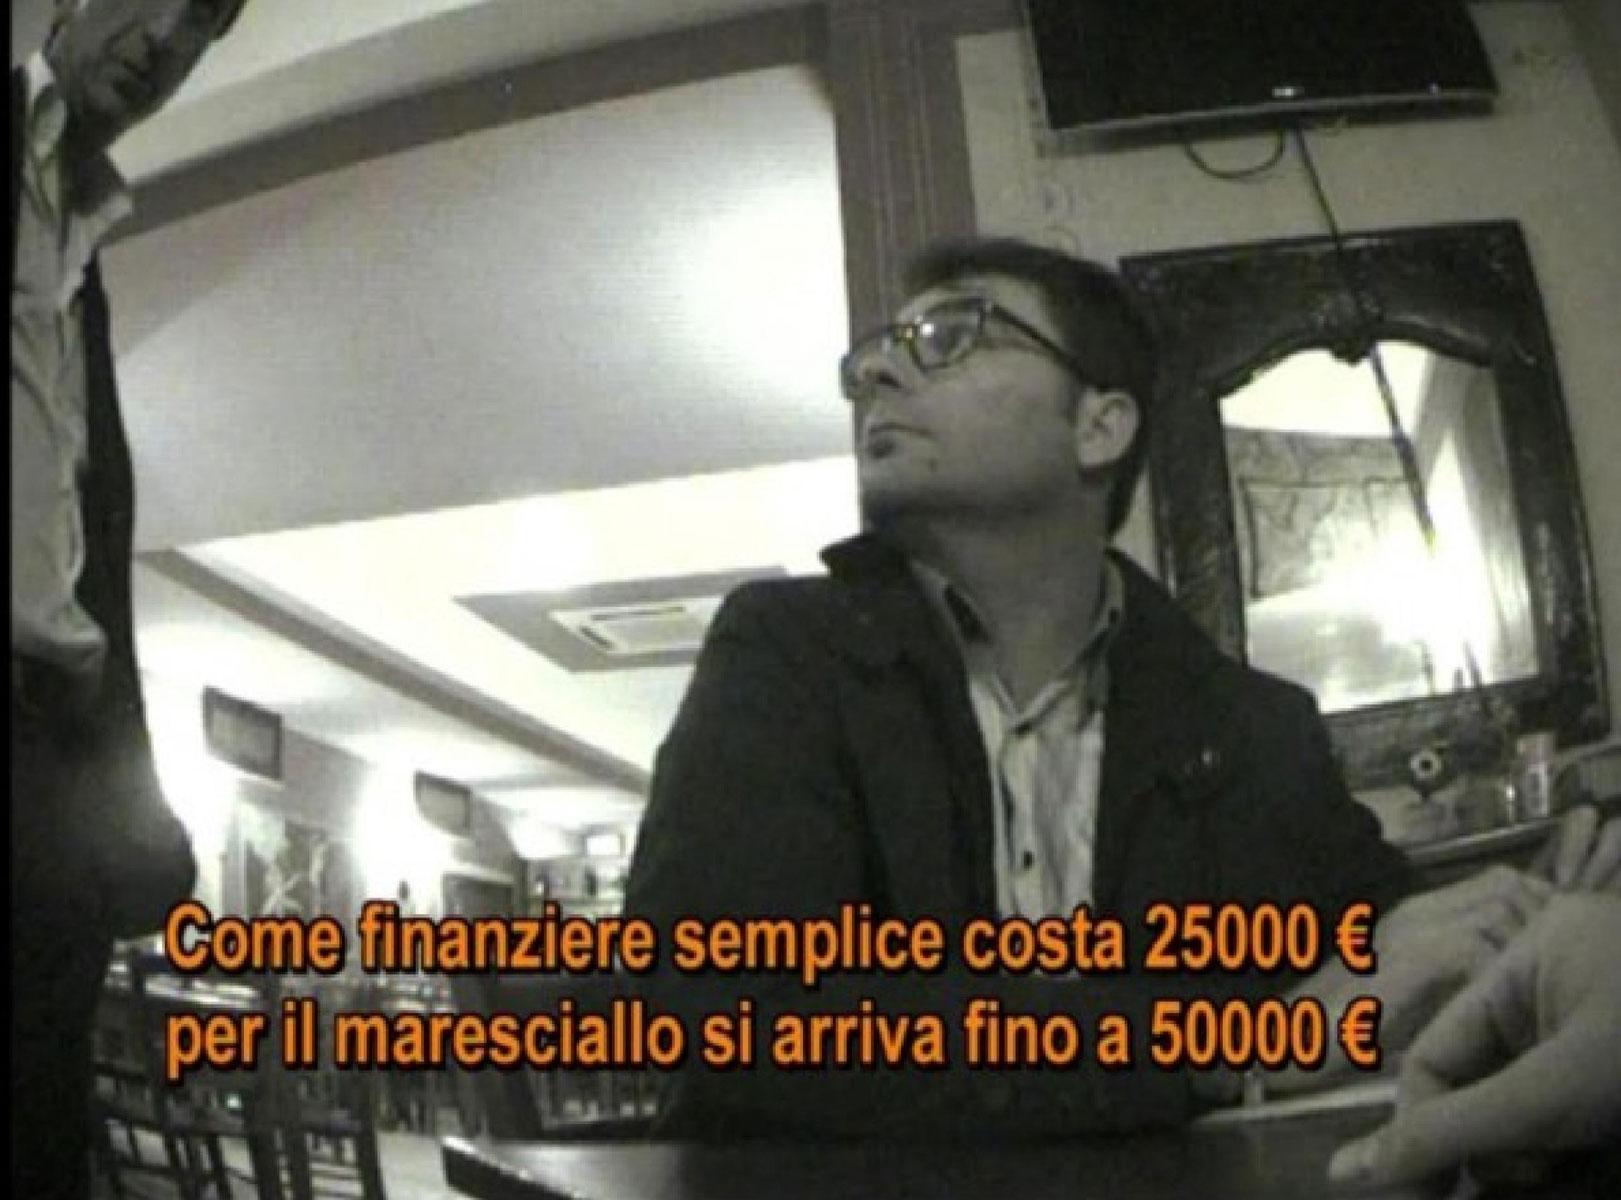 """Un fotogramma del Video del Programma """"Le Iene"""" sullo scandalo a Pozzuoli sull'ingresso nella Guardia Di Finanza."""